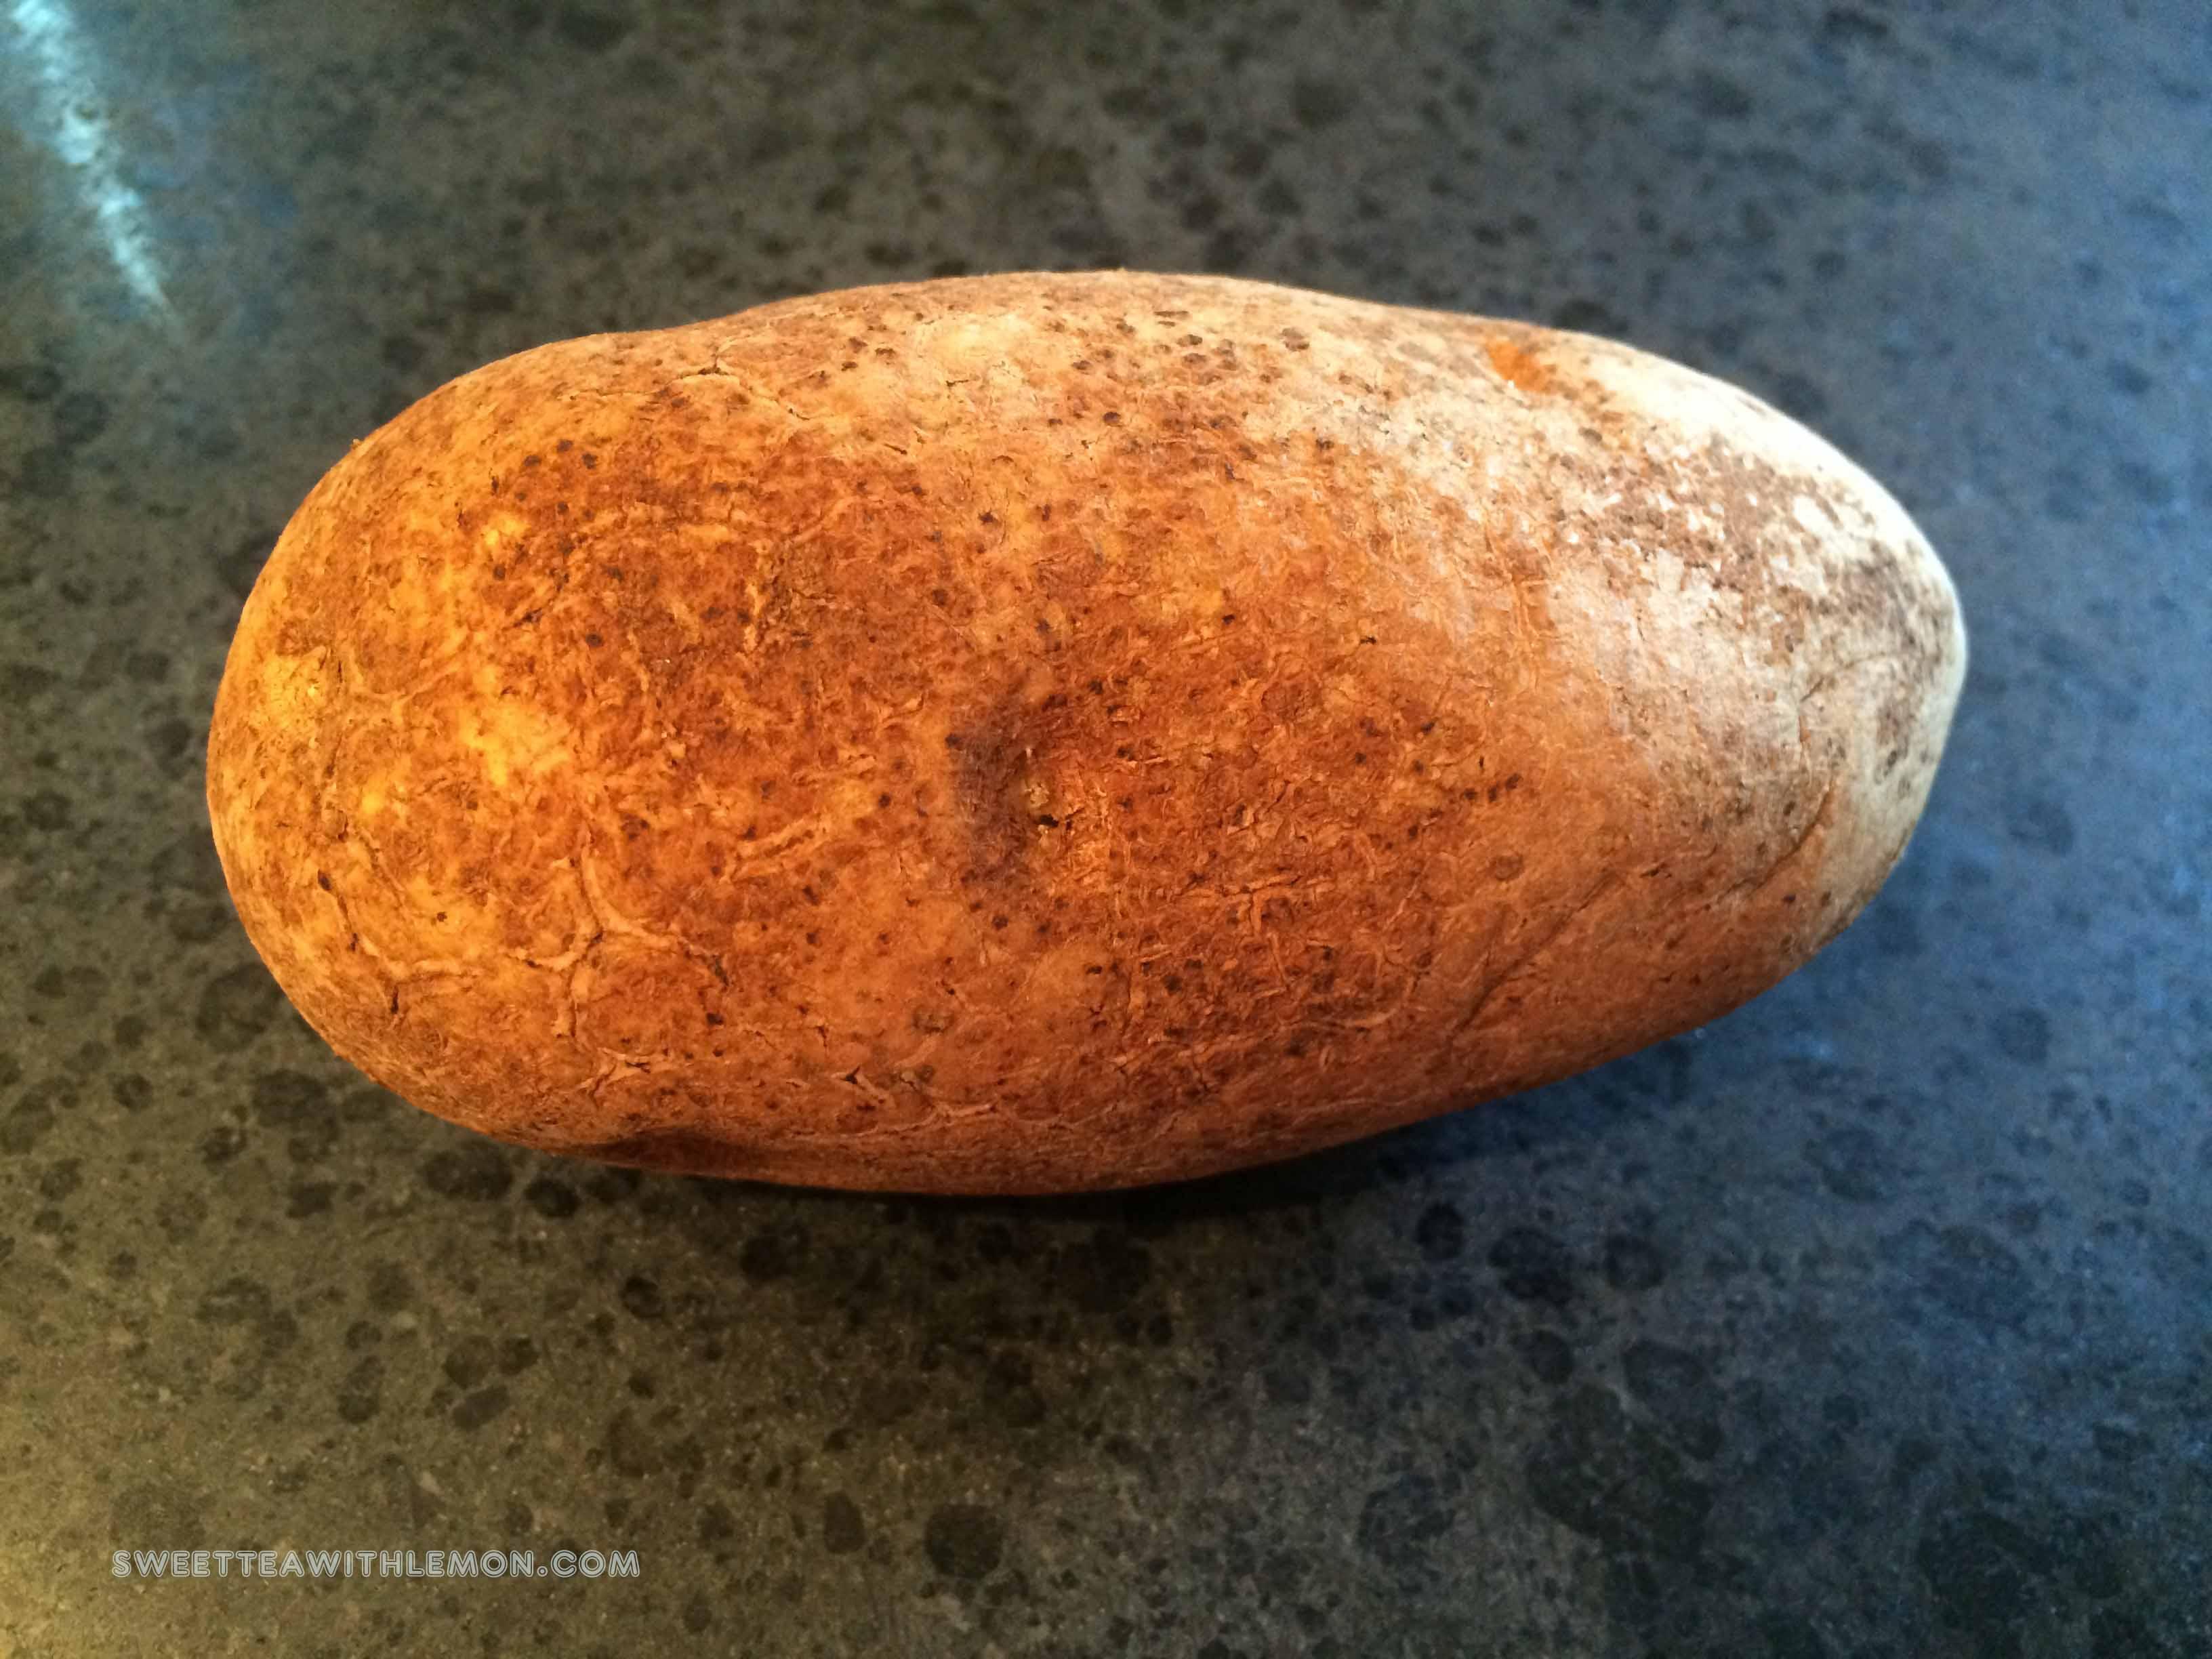 How to bake a potato